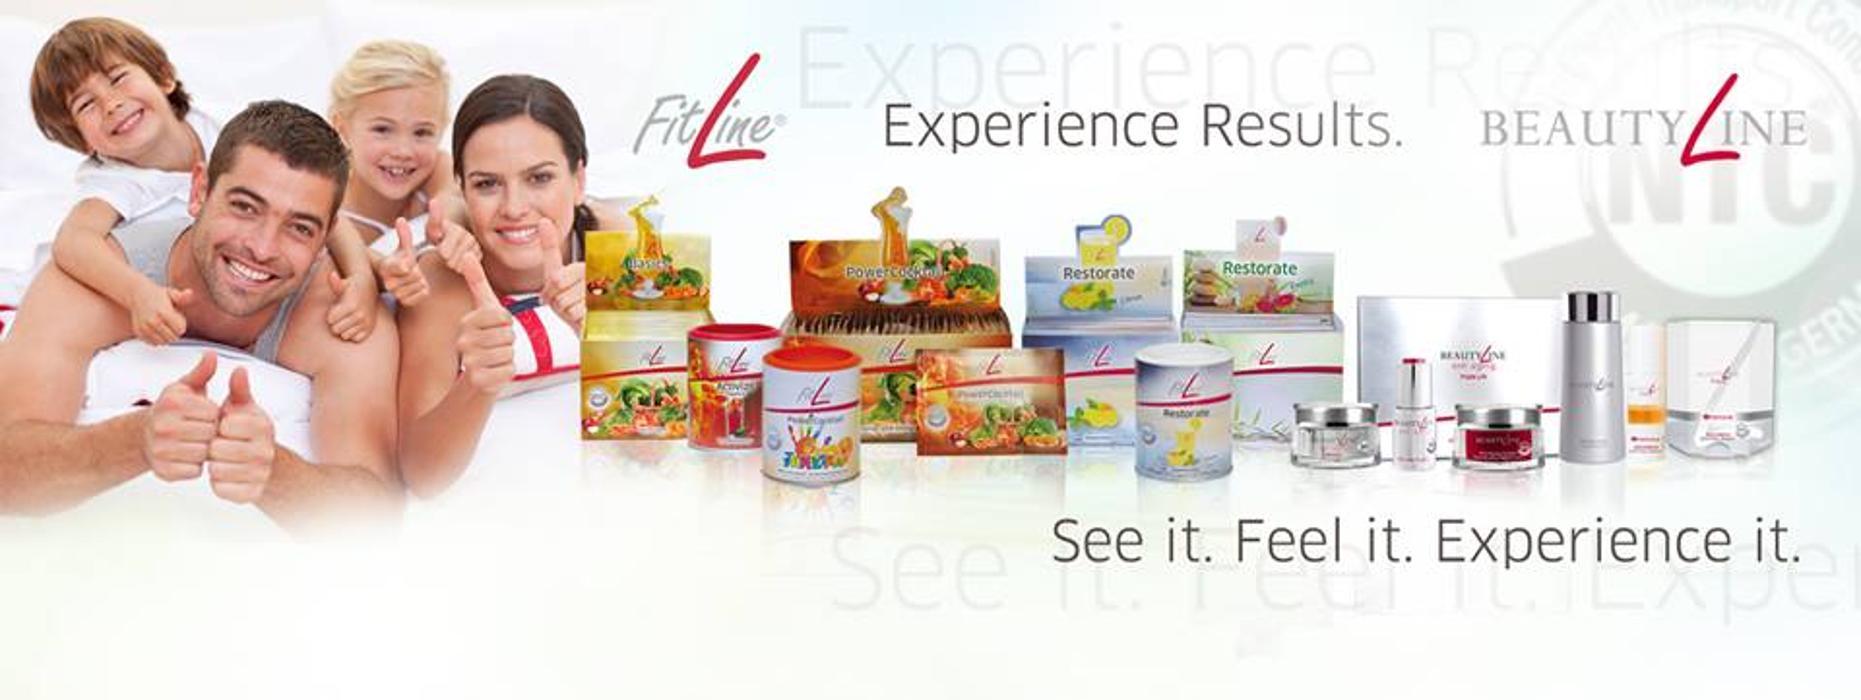 Bild zu Michele Licata Selbst.-Vertriebspartner PM International -FitLine- Vitamine & Mineralien-Activize- Zellschutz ACE in Stuttgart